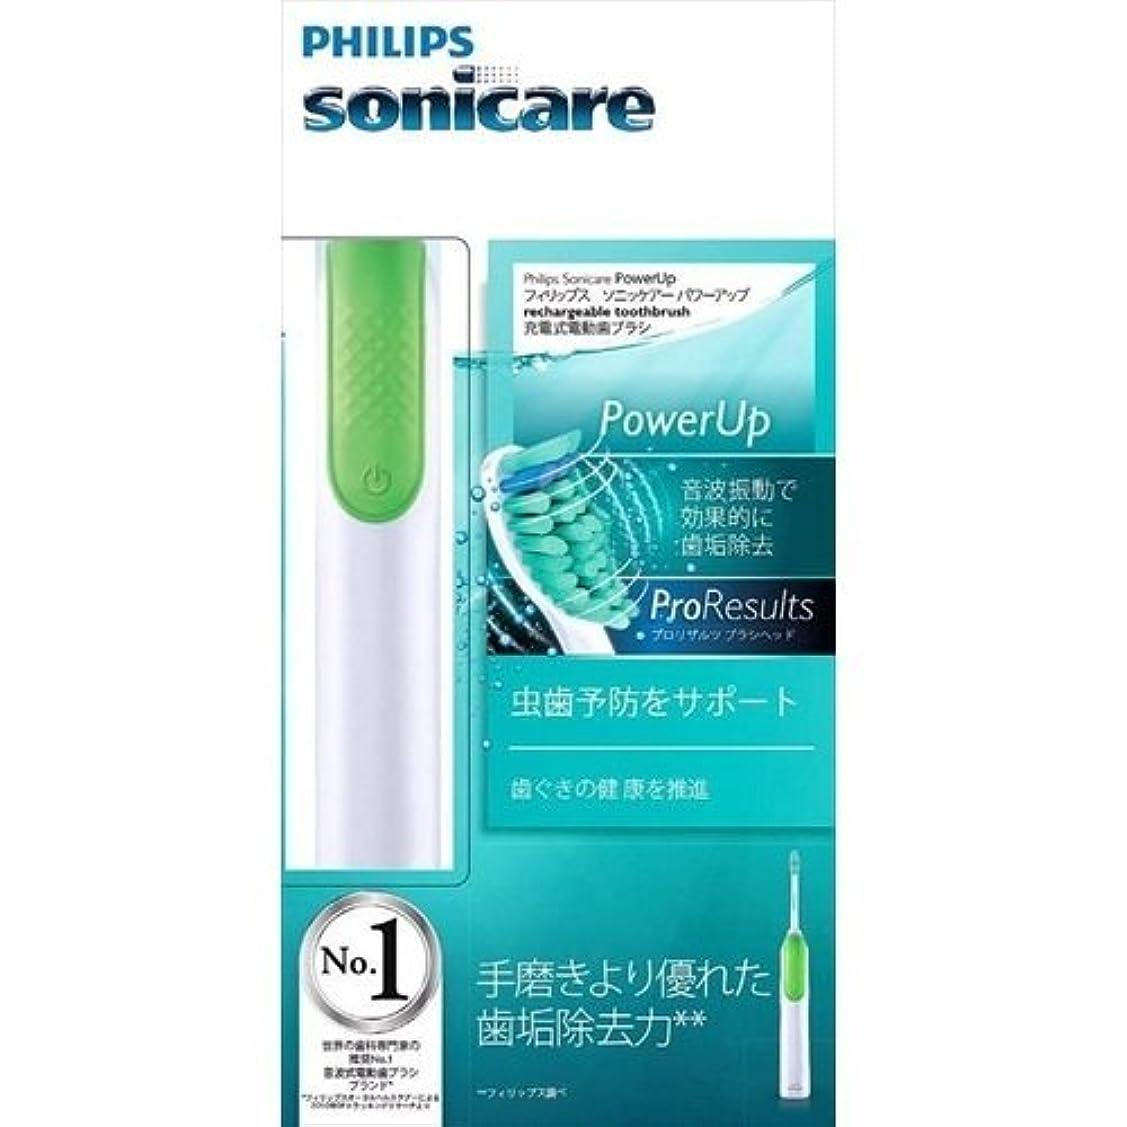 くぼみキャンディー知覚できるPHILIPS Sonicare(ソニッケアー)パワーアップ音波式電動歯ブラシ HX3110